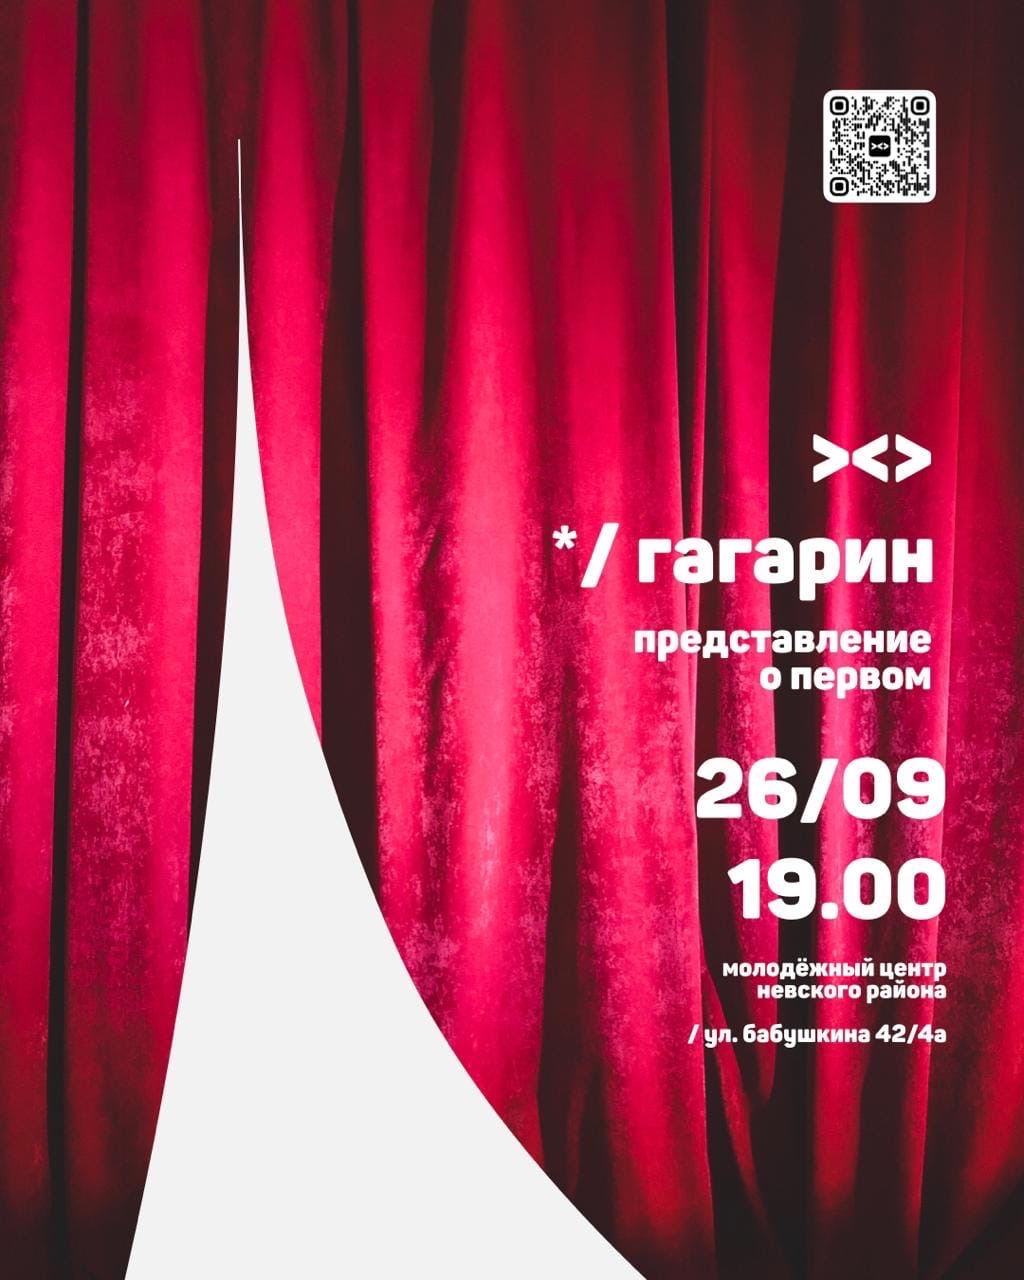 Молодежный театр открыл двери для петербуржцев спектаклем о Гагарине_5f6edc72d2bd4.jpeg